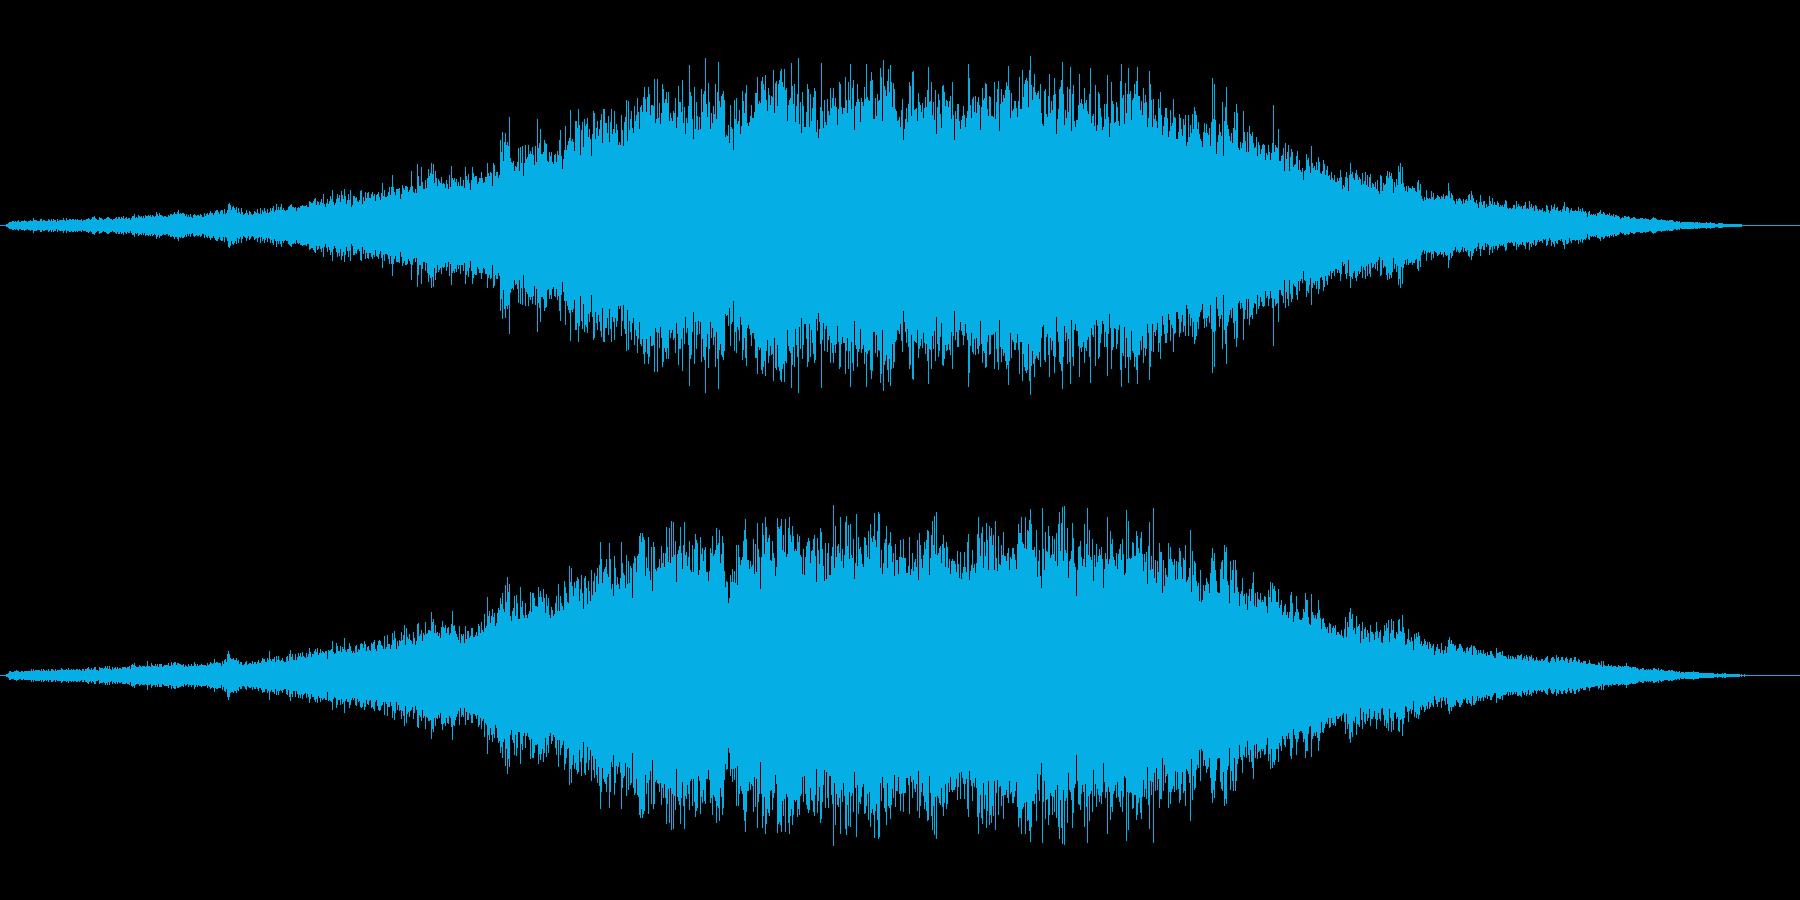 キーン(キラキラ系)の再生済みの波形